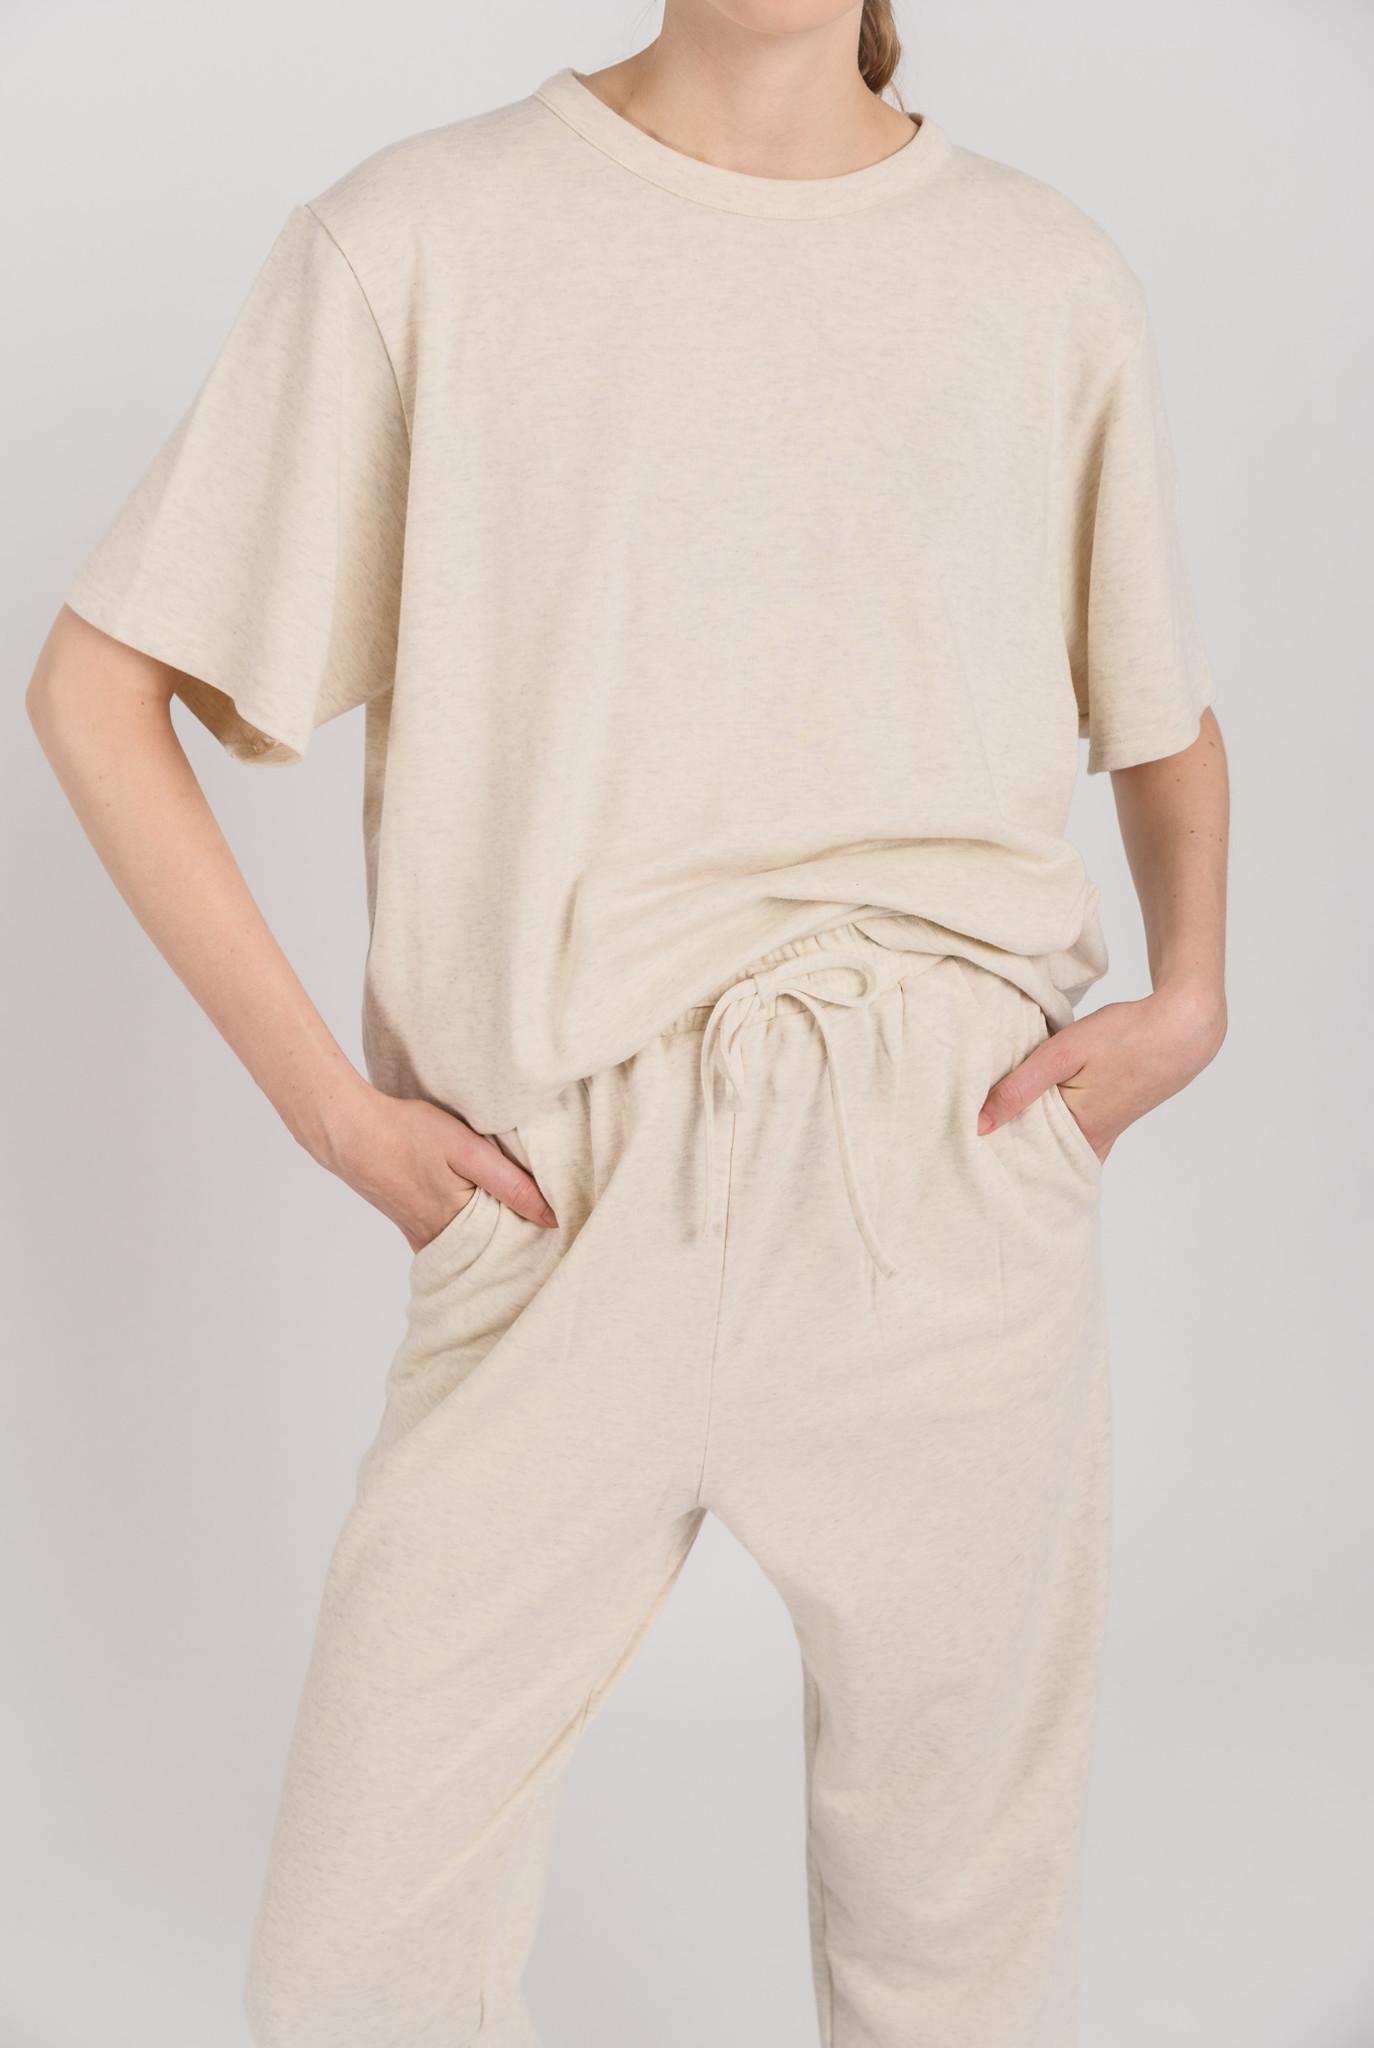 Large Jimi t-shirt Cream